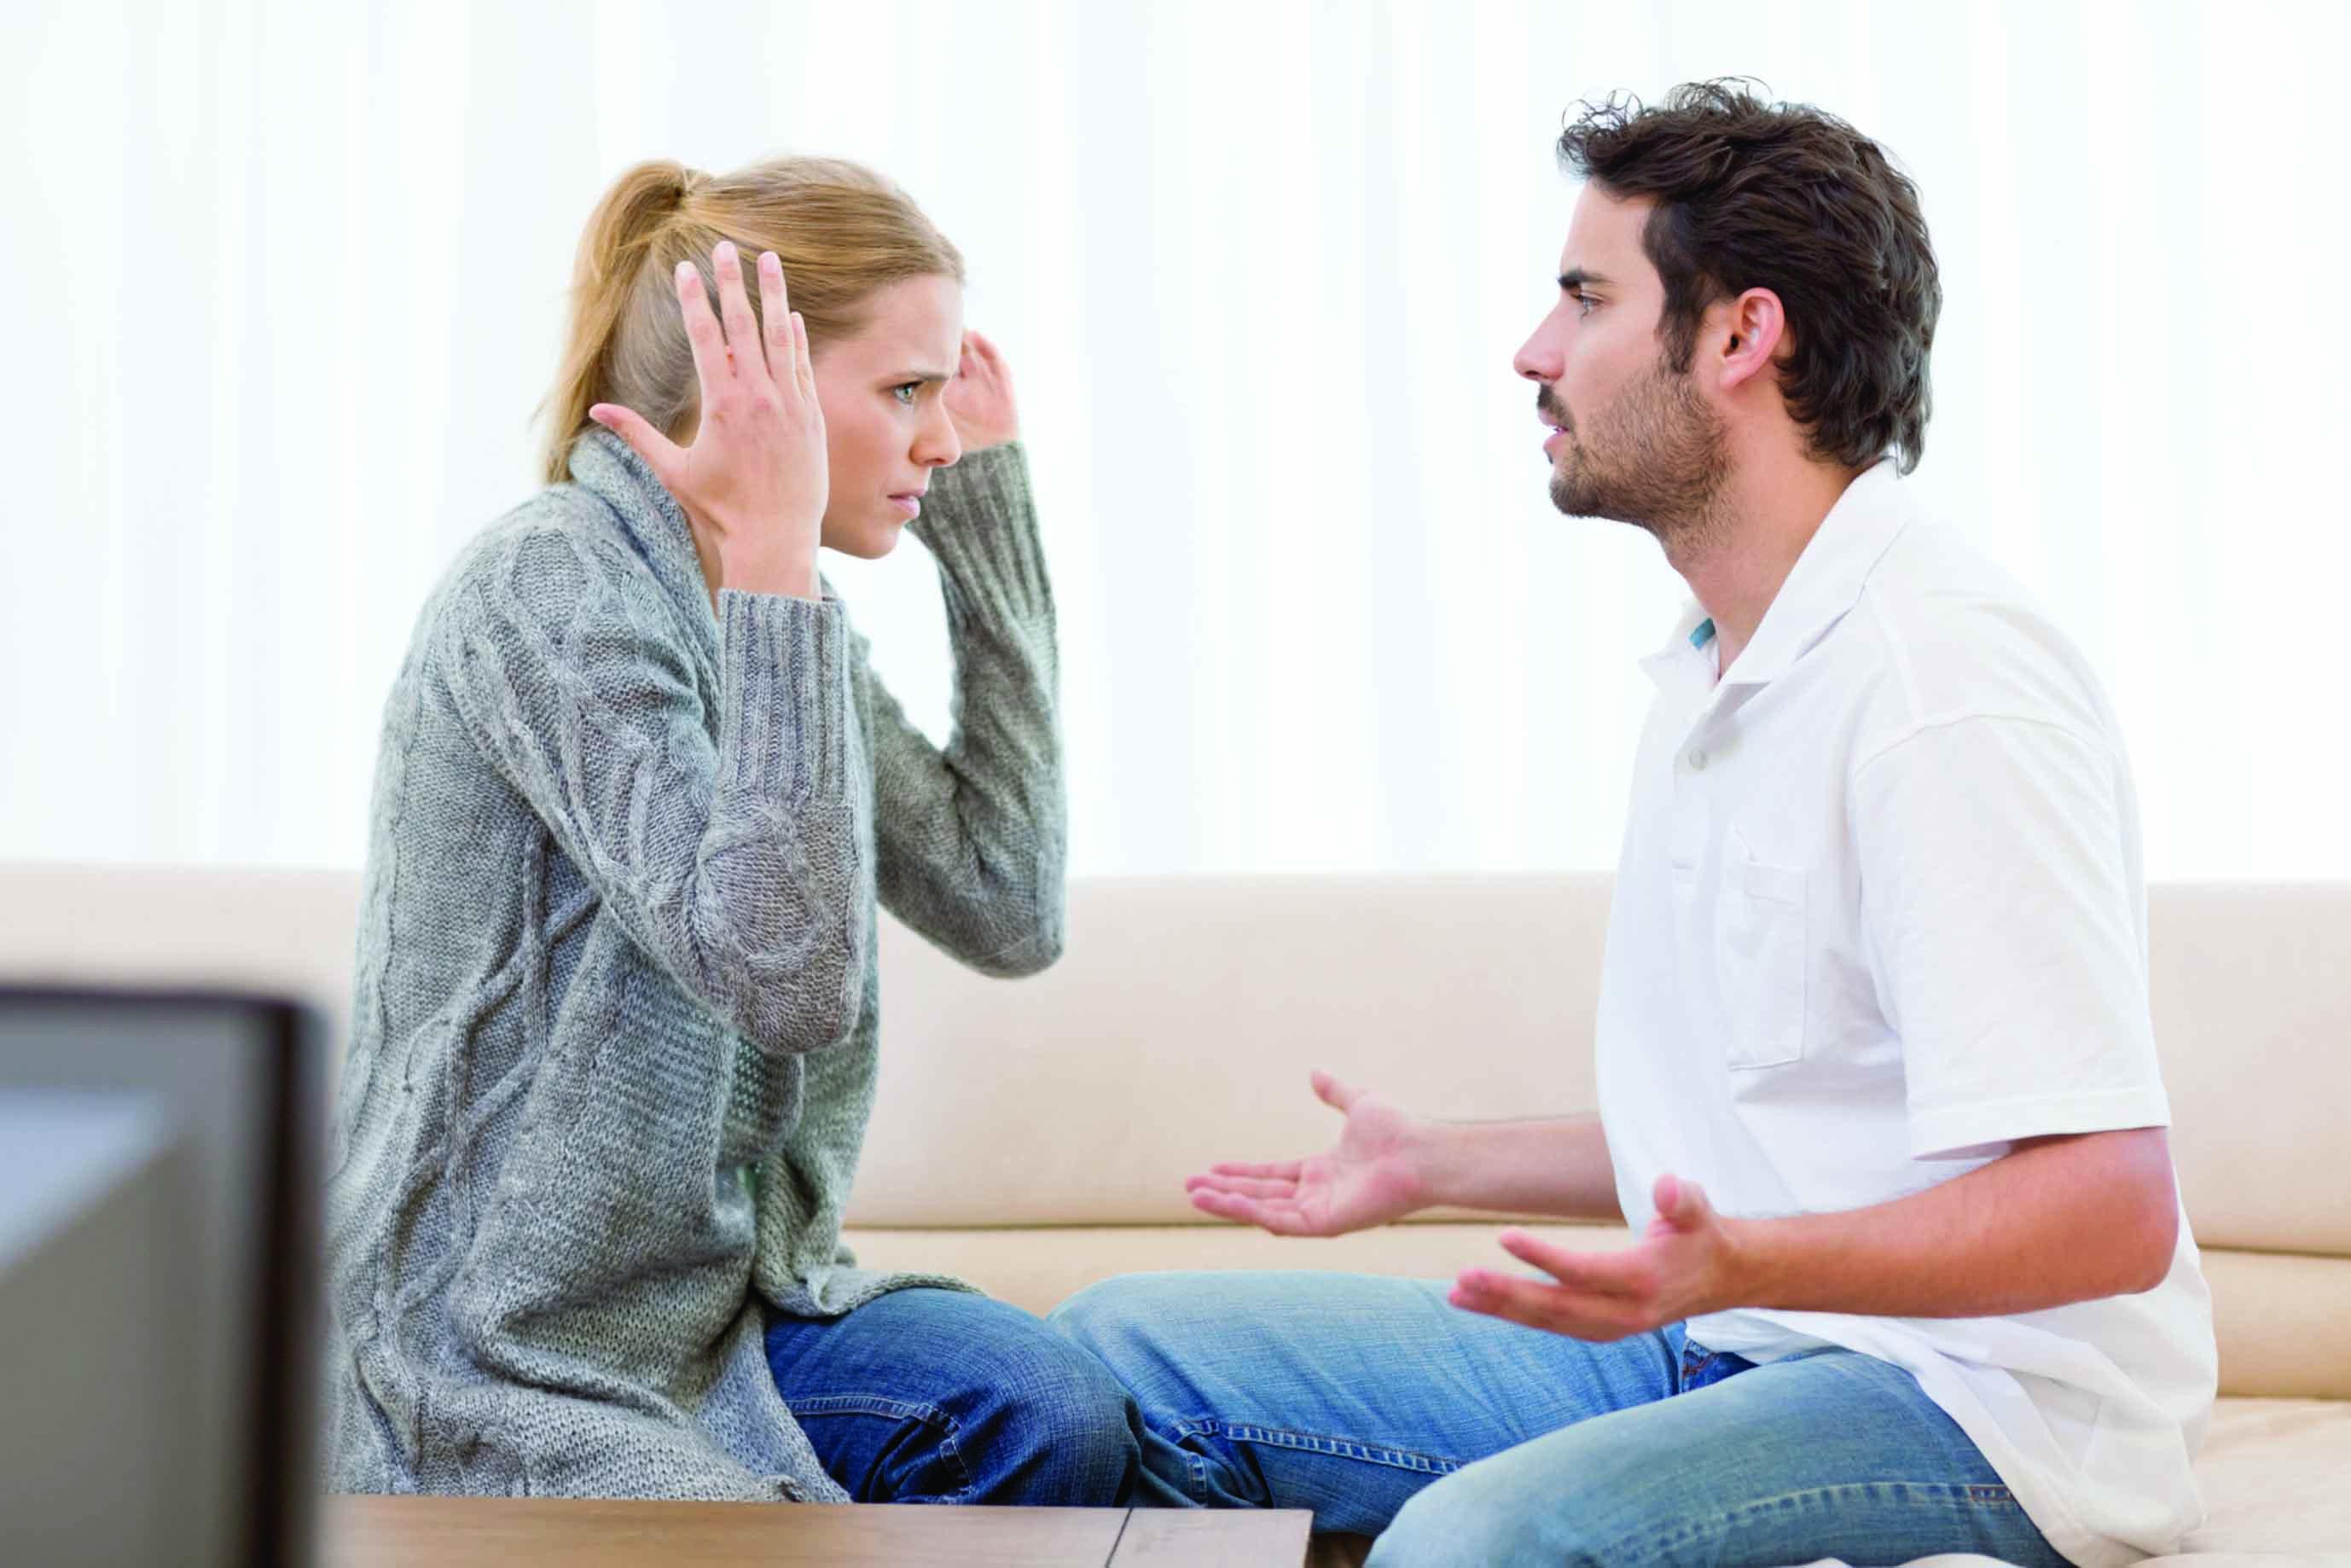 دراسة: الهواتف الذكية سبب المشكلات الزوجية